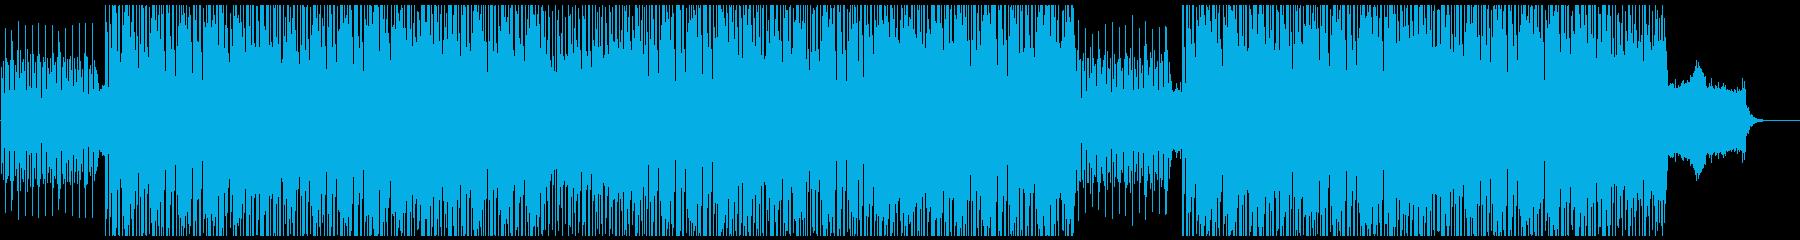 スペーシーでファンキーなインストの再生済みの波形